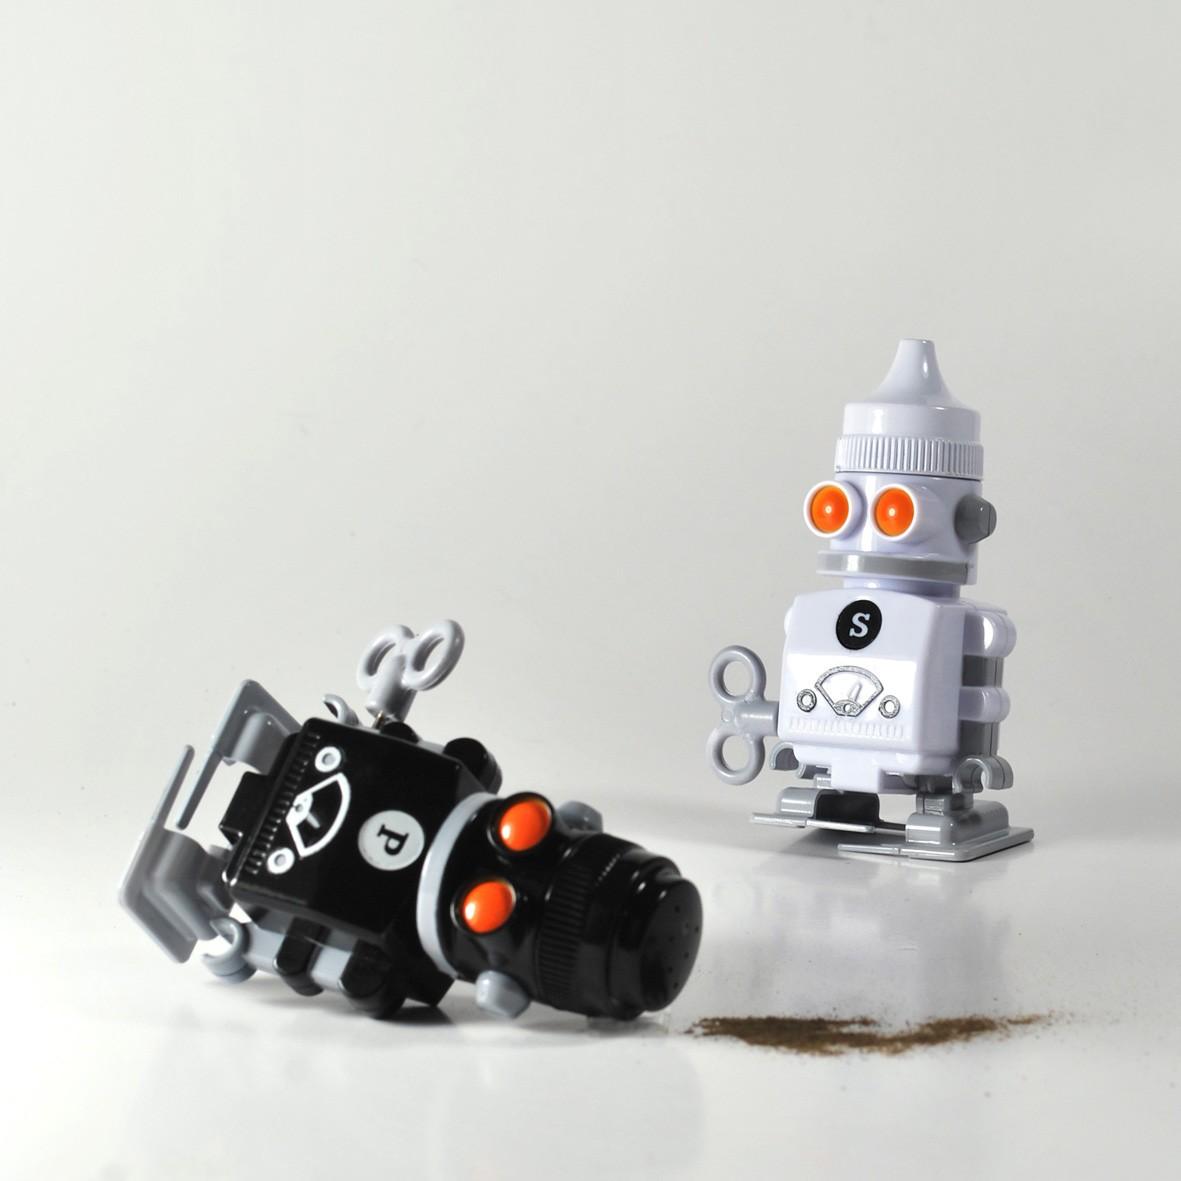 Robotyczna pieprzniczka i solniczka!